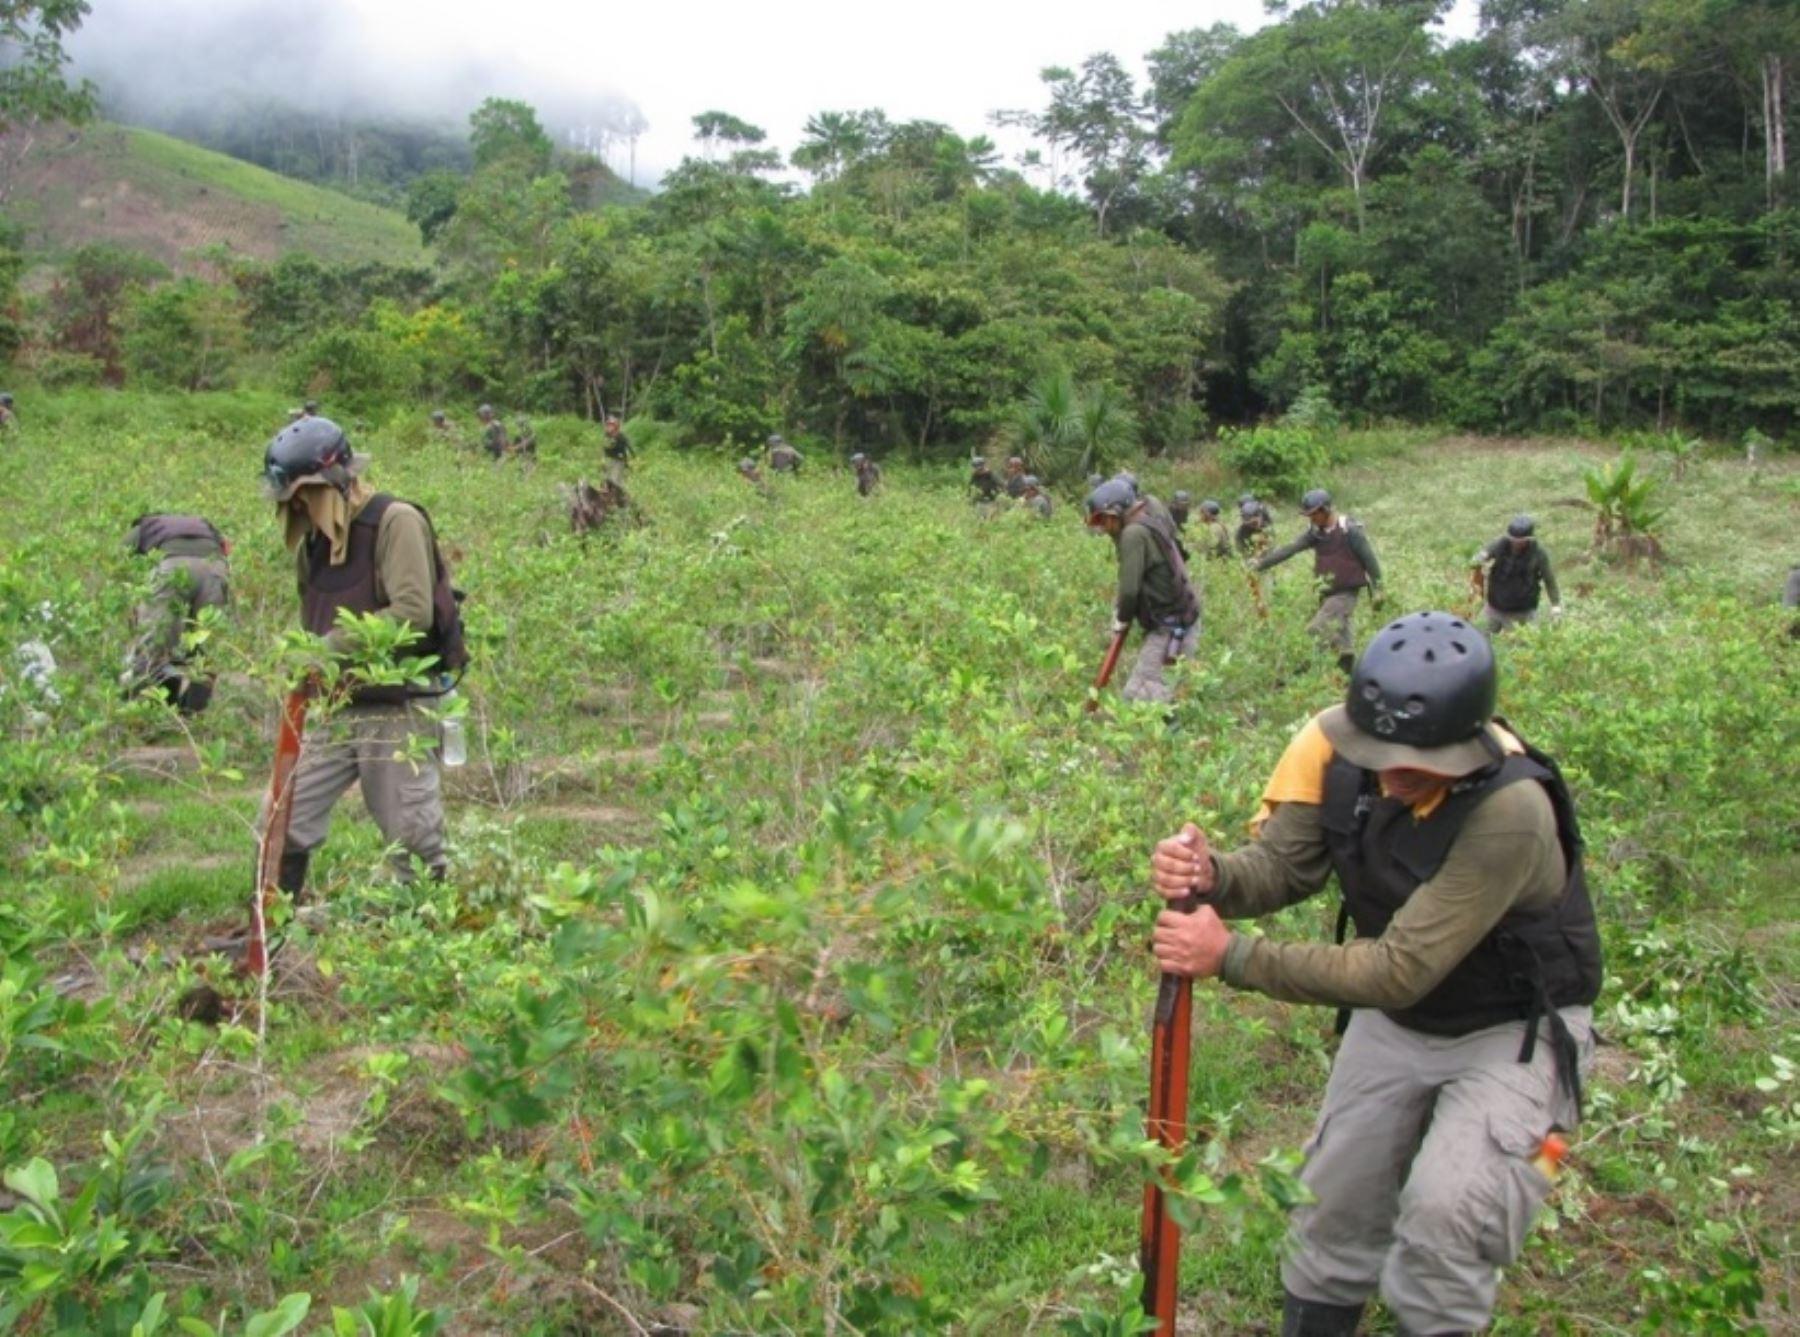 El Proyecto Especial de Control y Reducción de Cultivos Ilegales en el Alto Huallaga (Corah) del Ministerio del Interior (Mininter) reportó la destrucción de 22,910.27 hectáreas de hoja de coca en los ámbitos cocaleros de Ucayali, Tingo María y Aguaytía durante el año 2017.